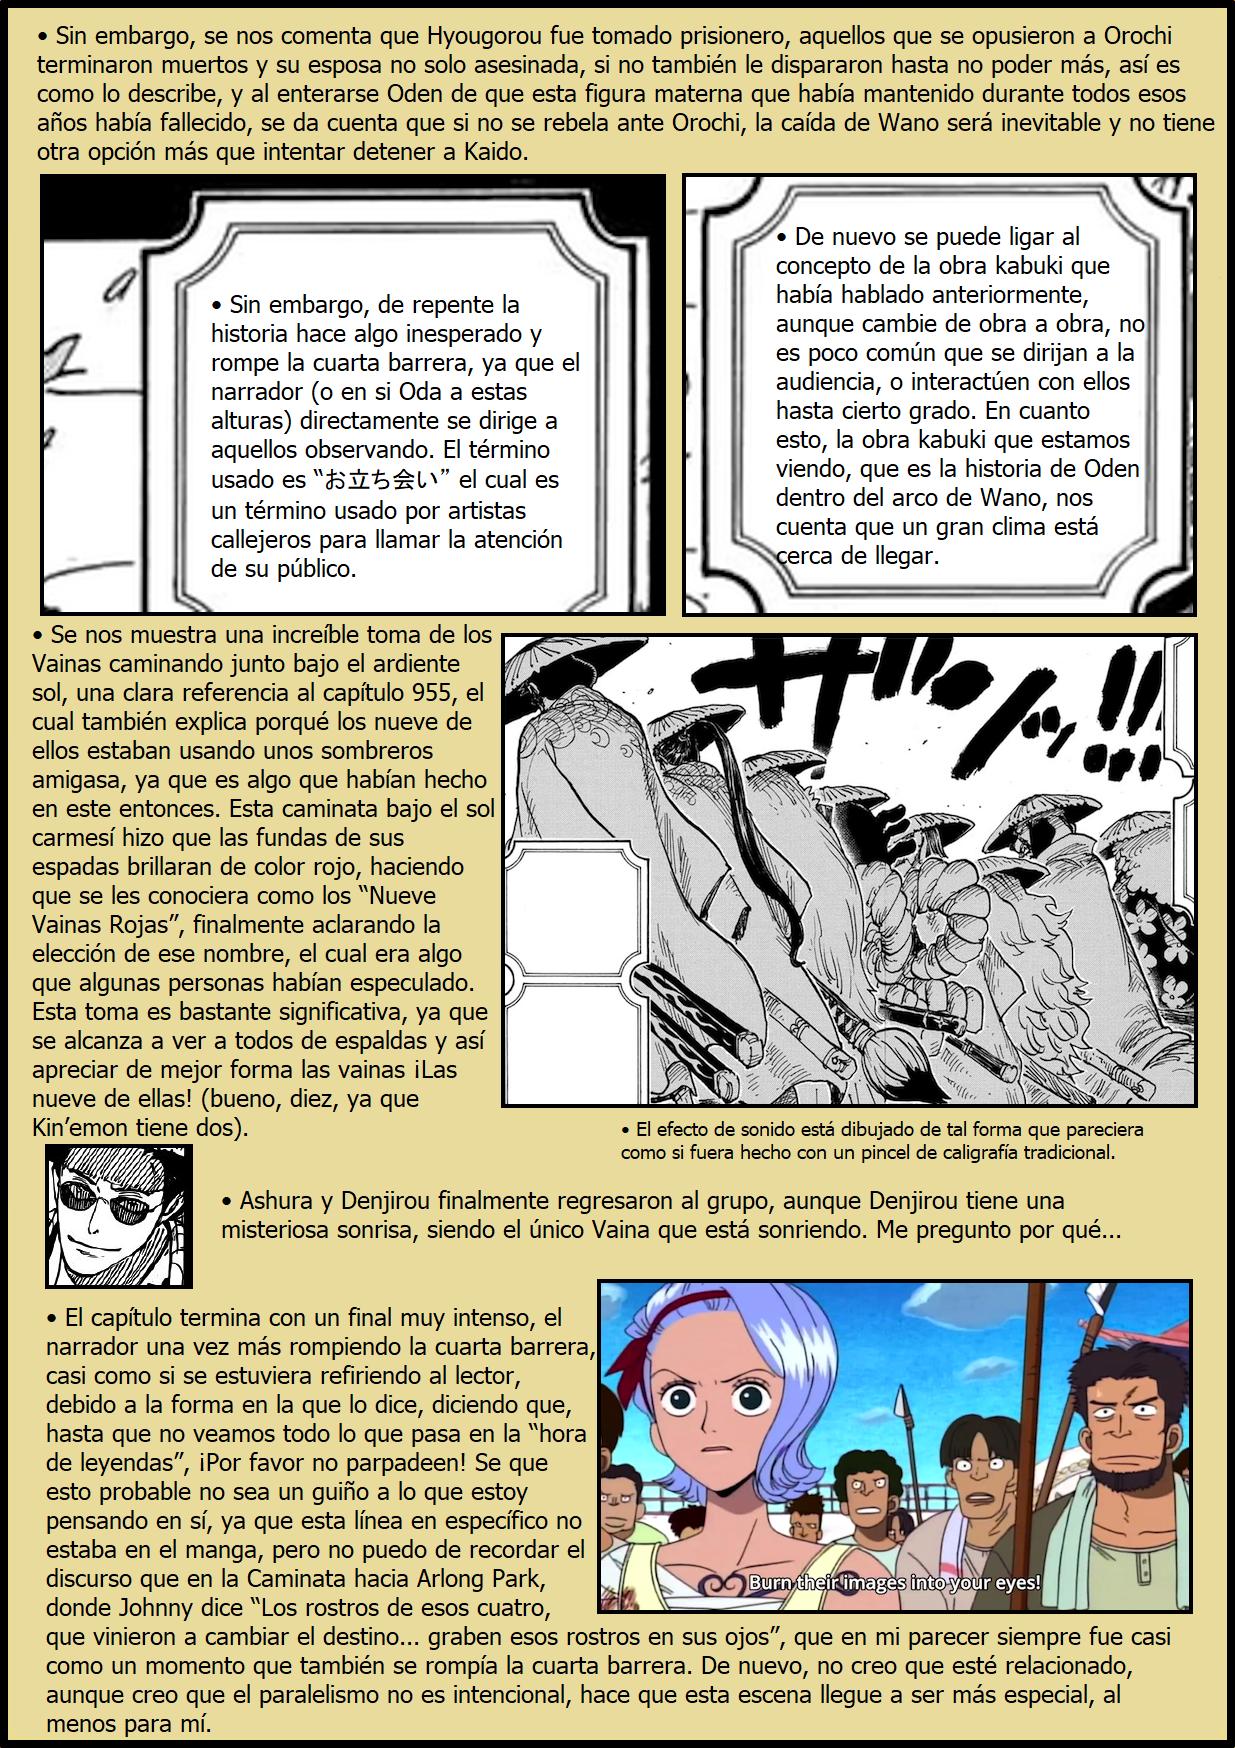 Secretos & Curiosidades - One Piece Manga 969 09